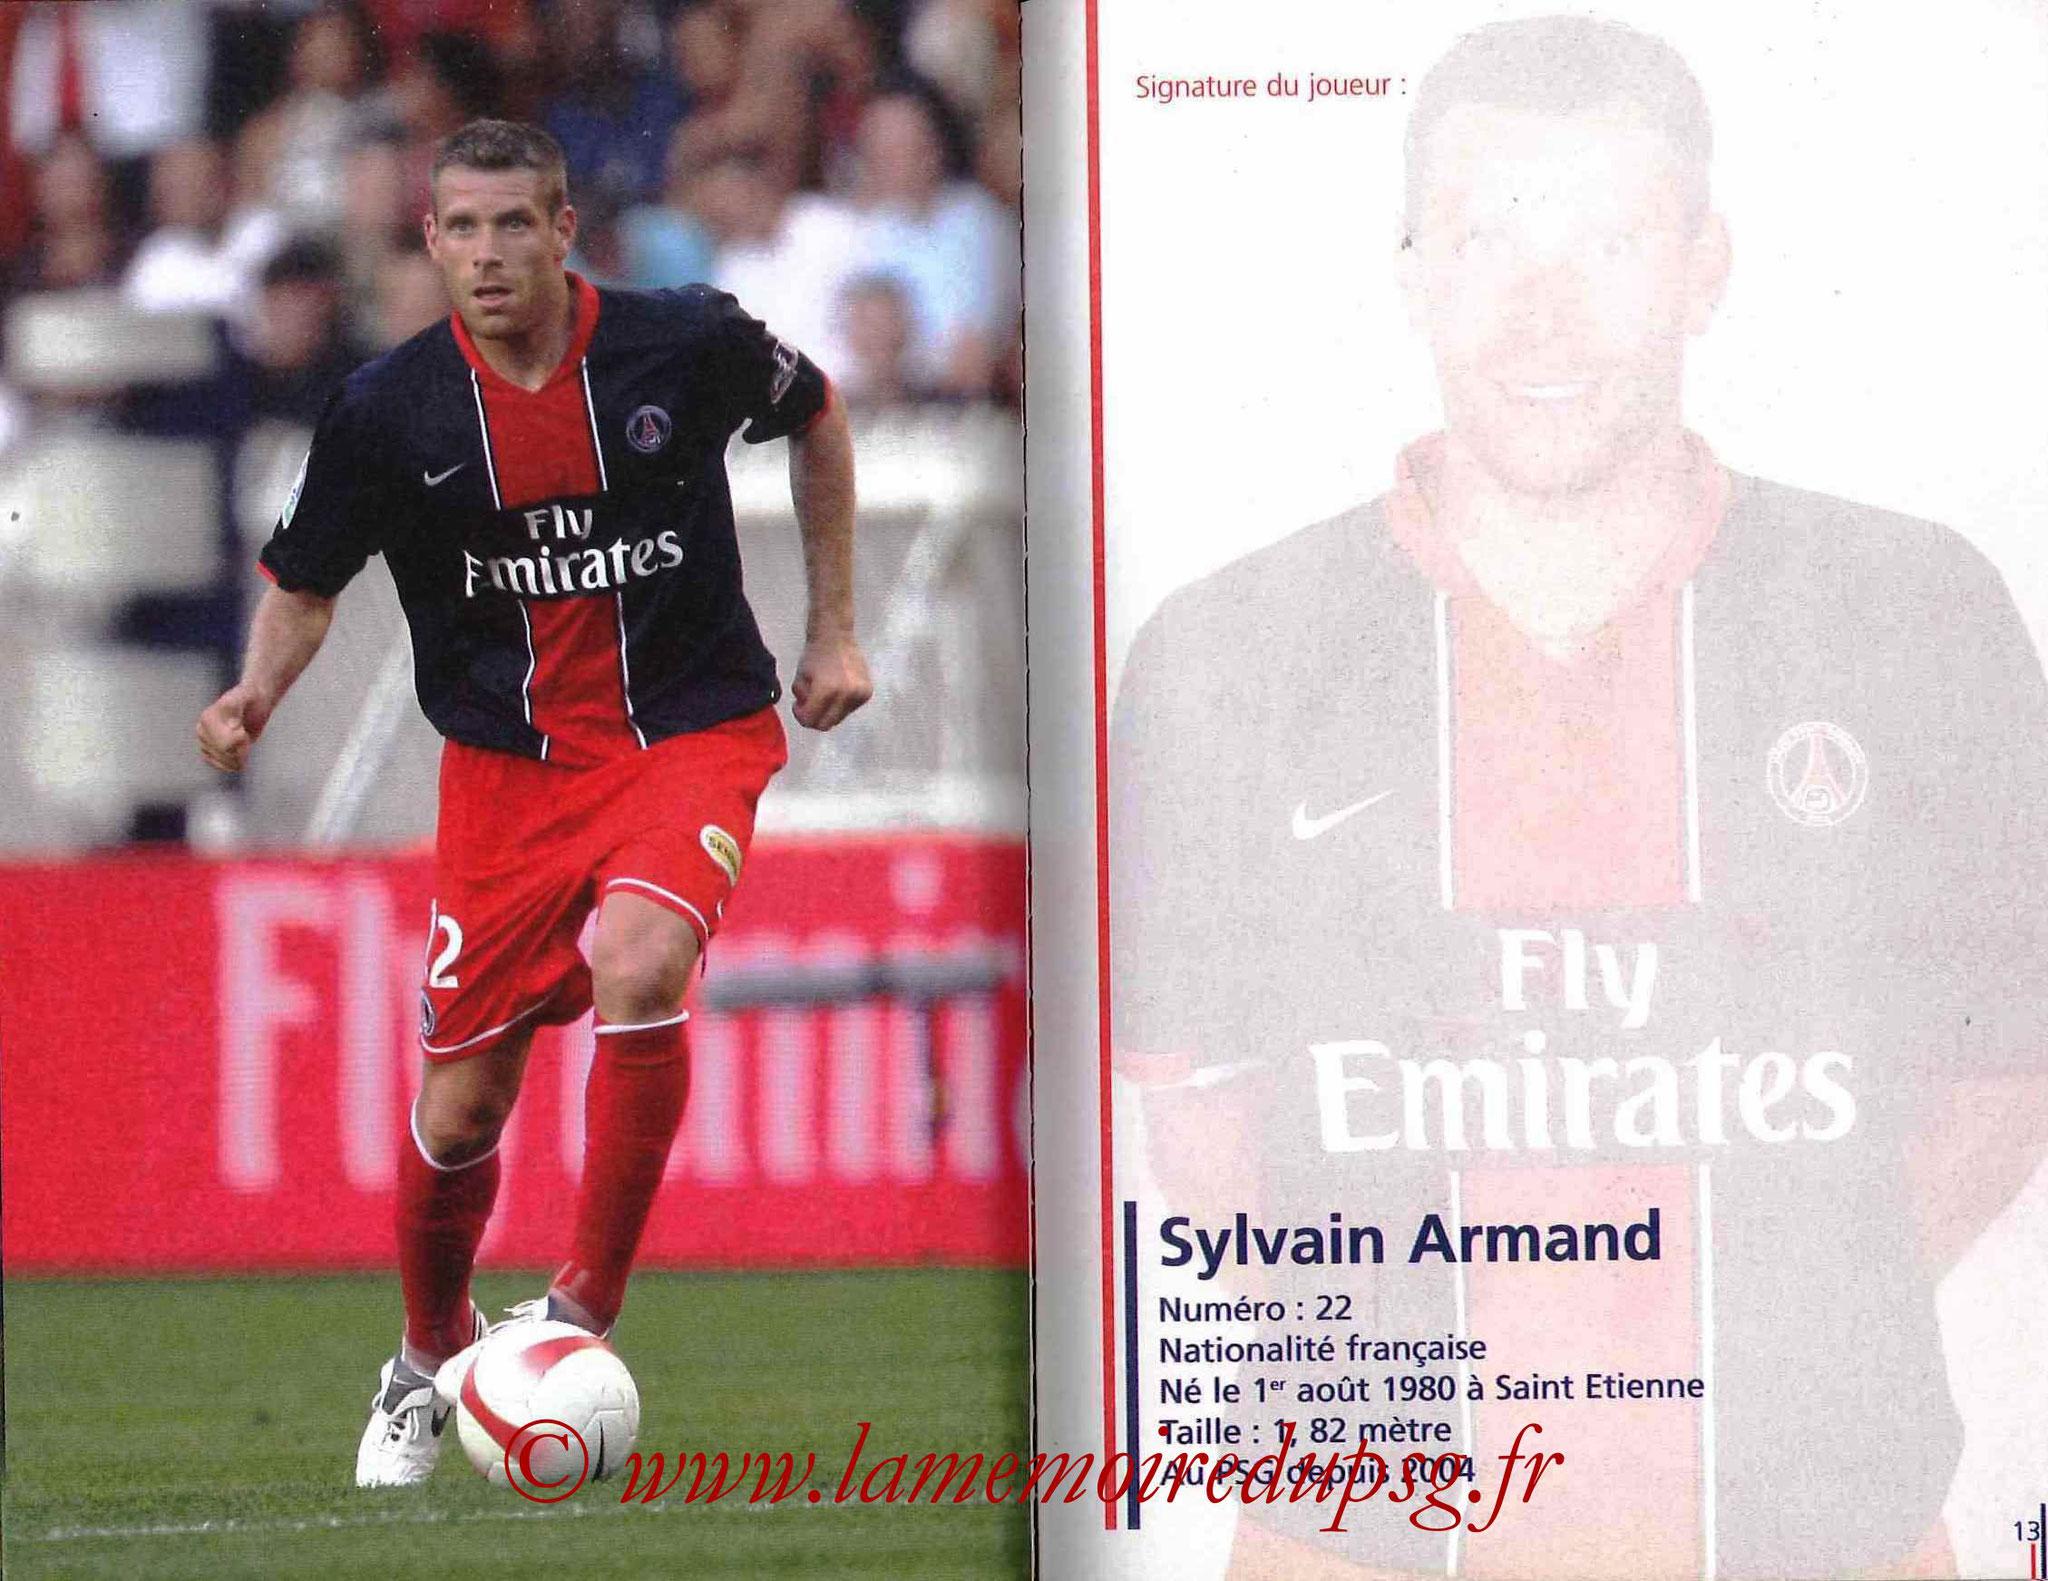 2007-08 - Guide de la Saison PSG - Pages 12 et 13 - Sylvain ARMAND